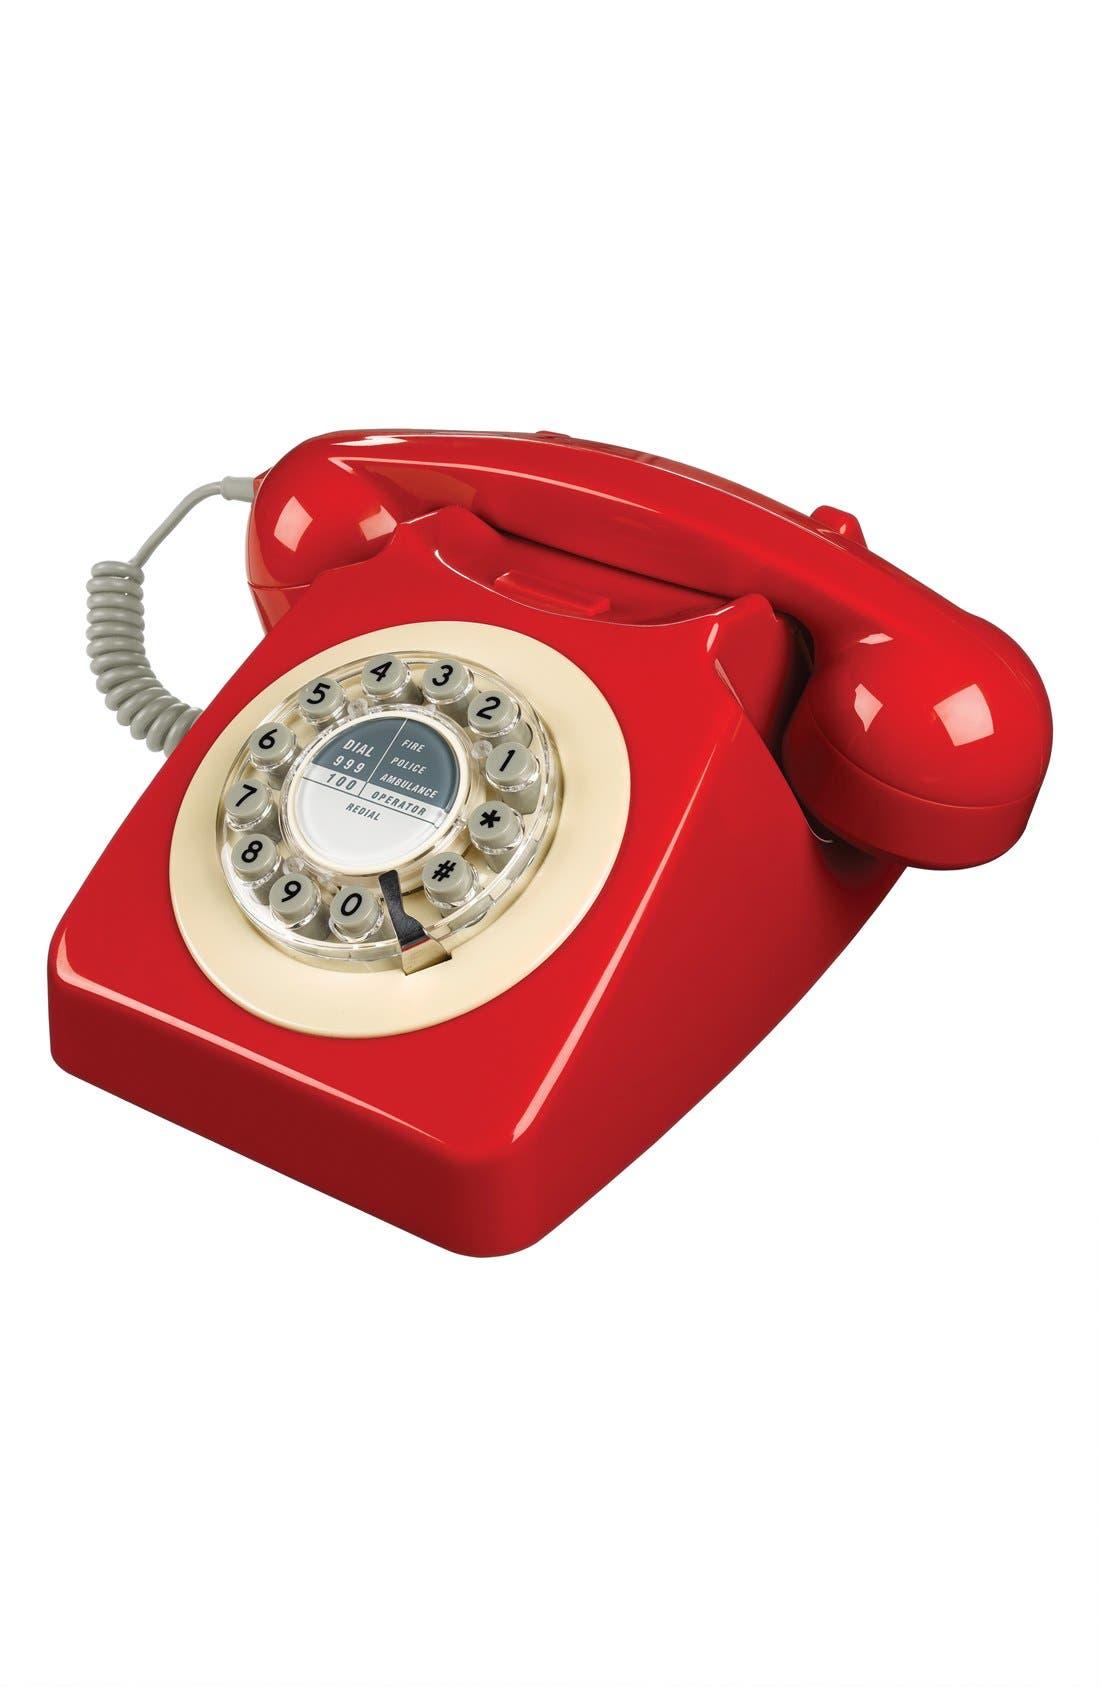 Main Image - Wild and Wolf '746' Phone